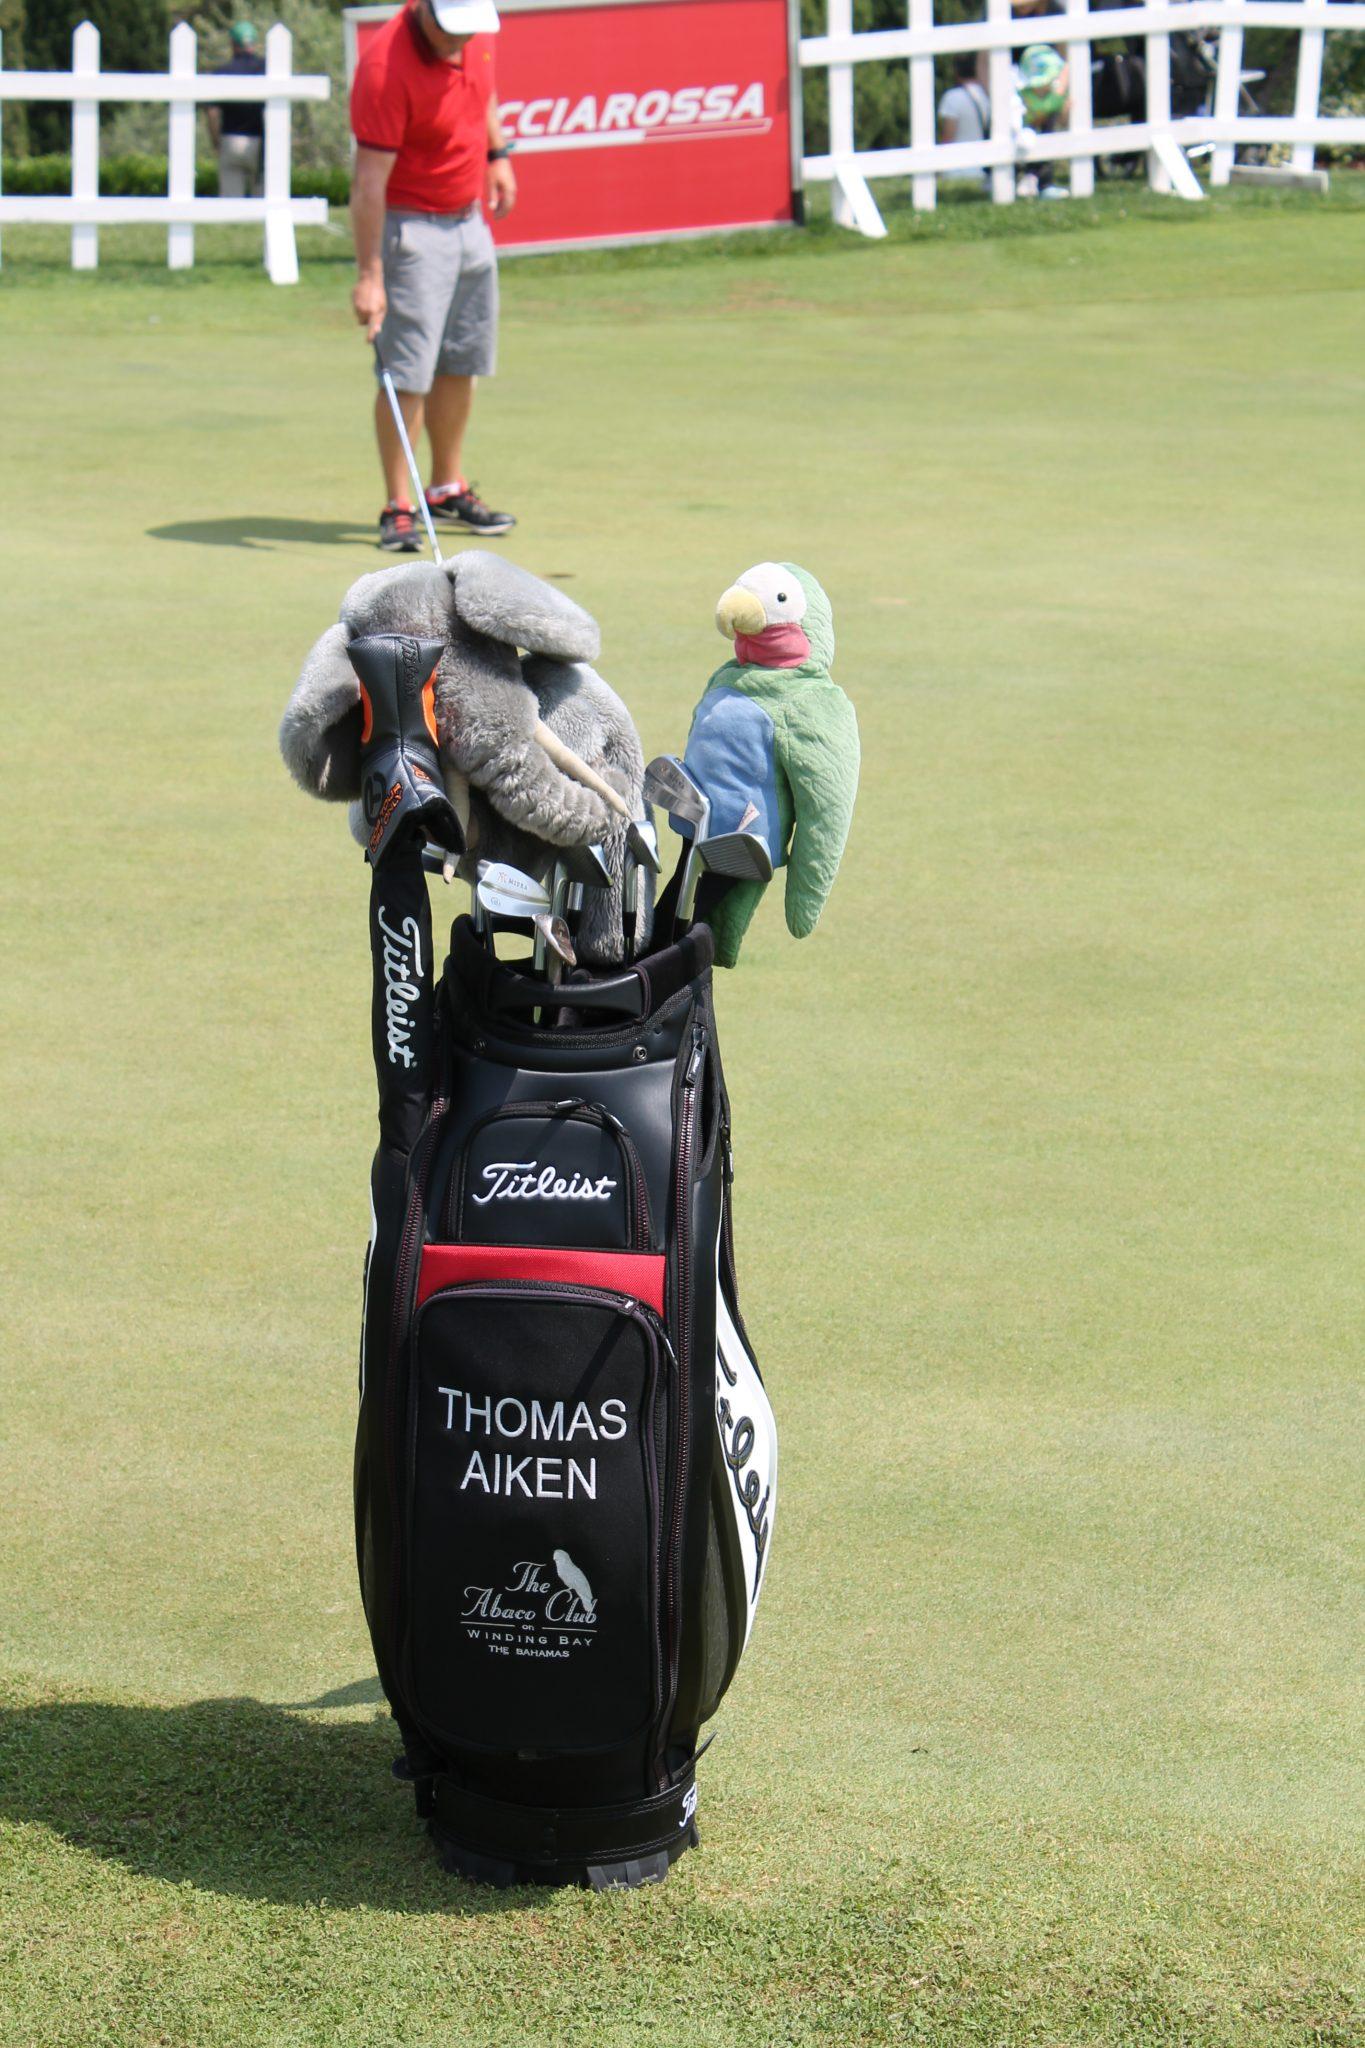 Thomas Aiken golf bag